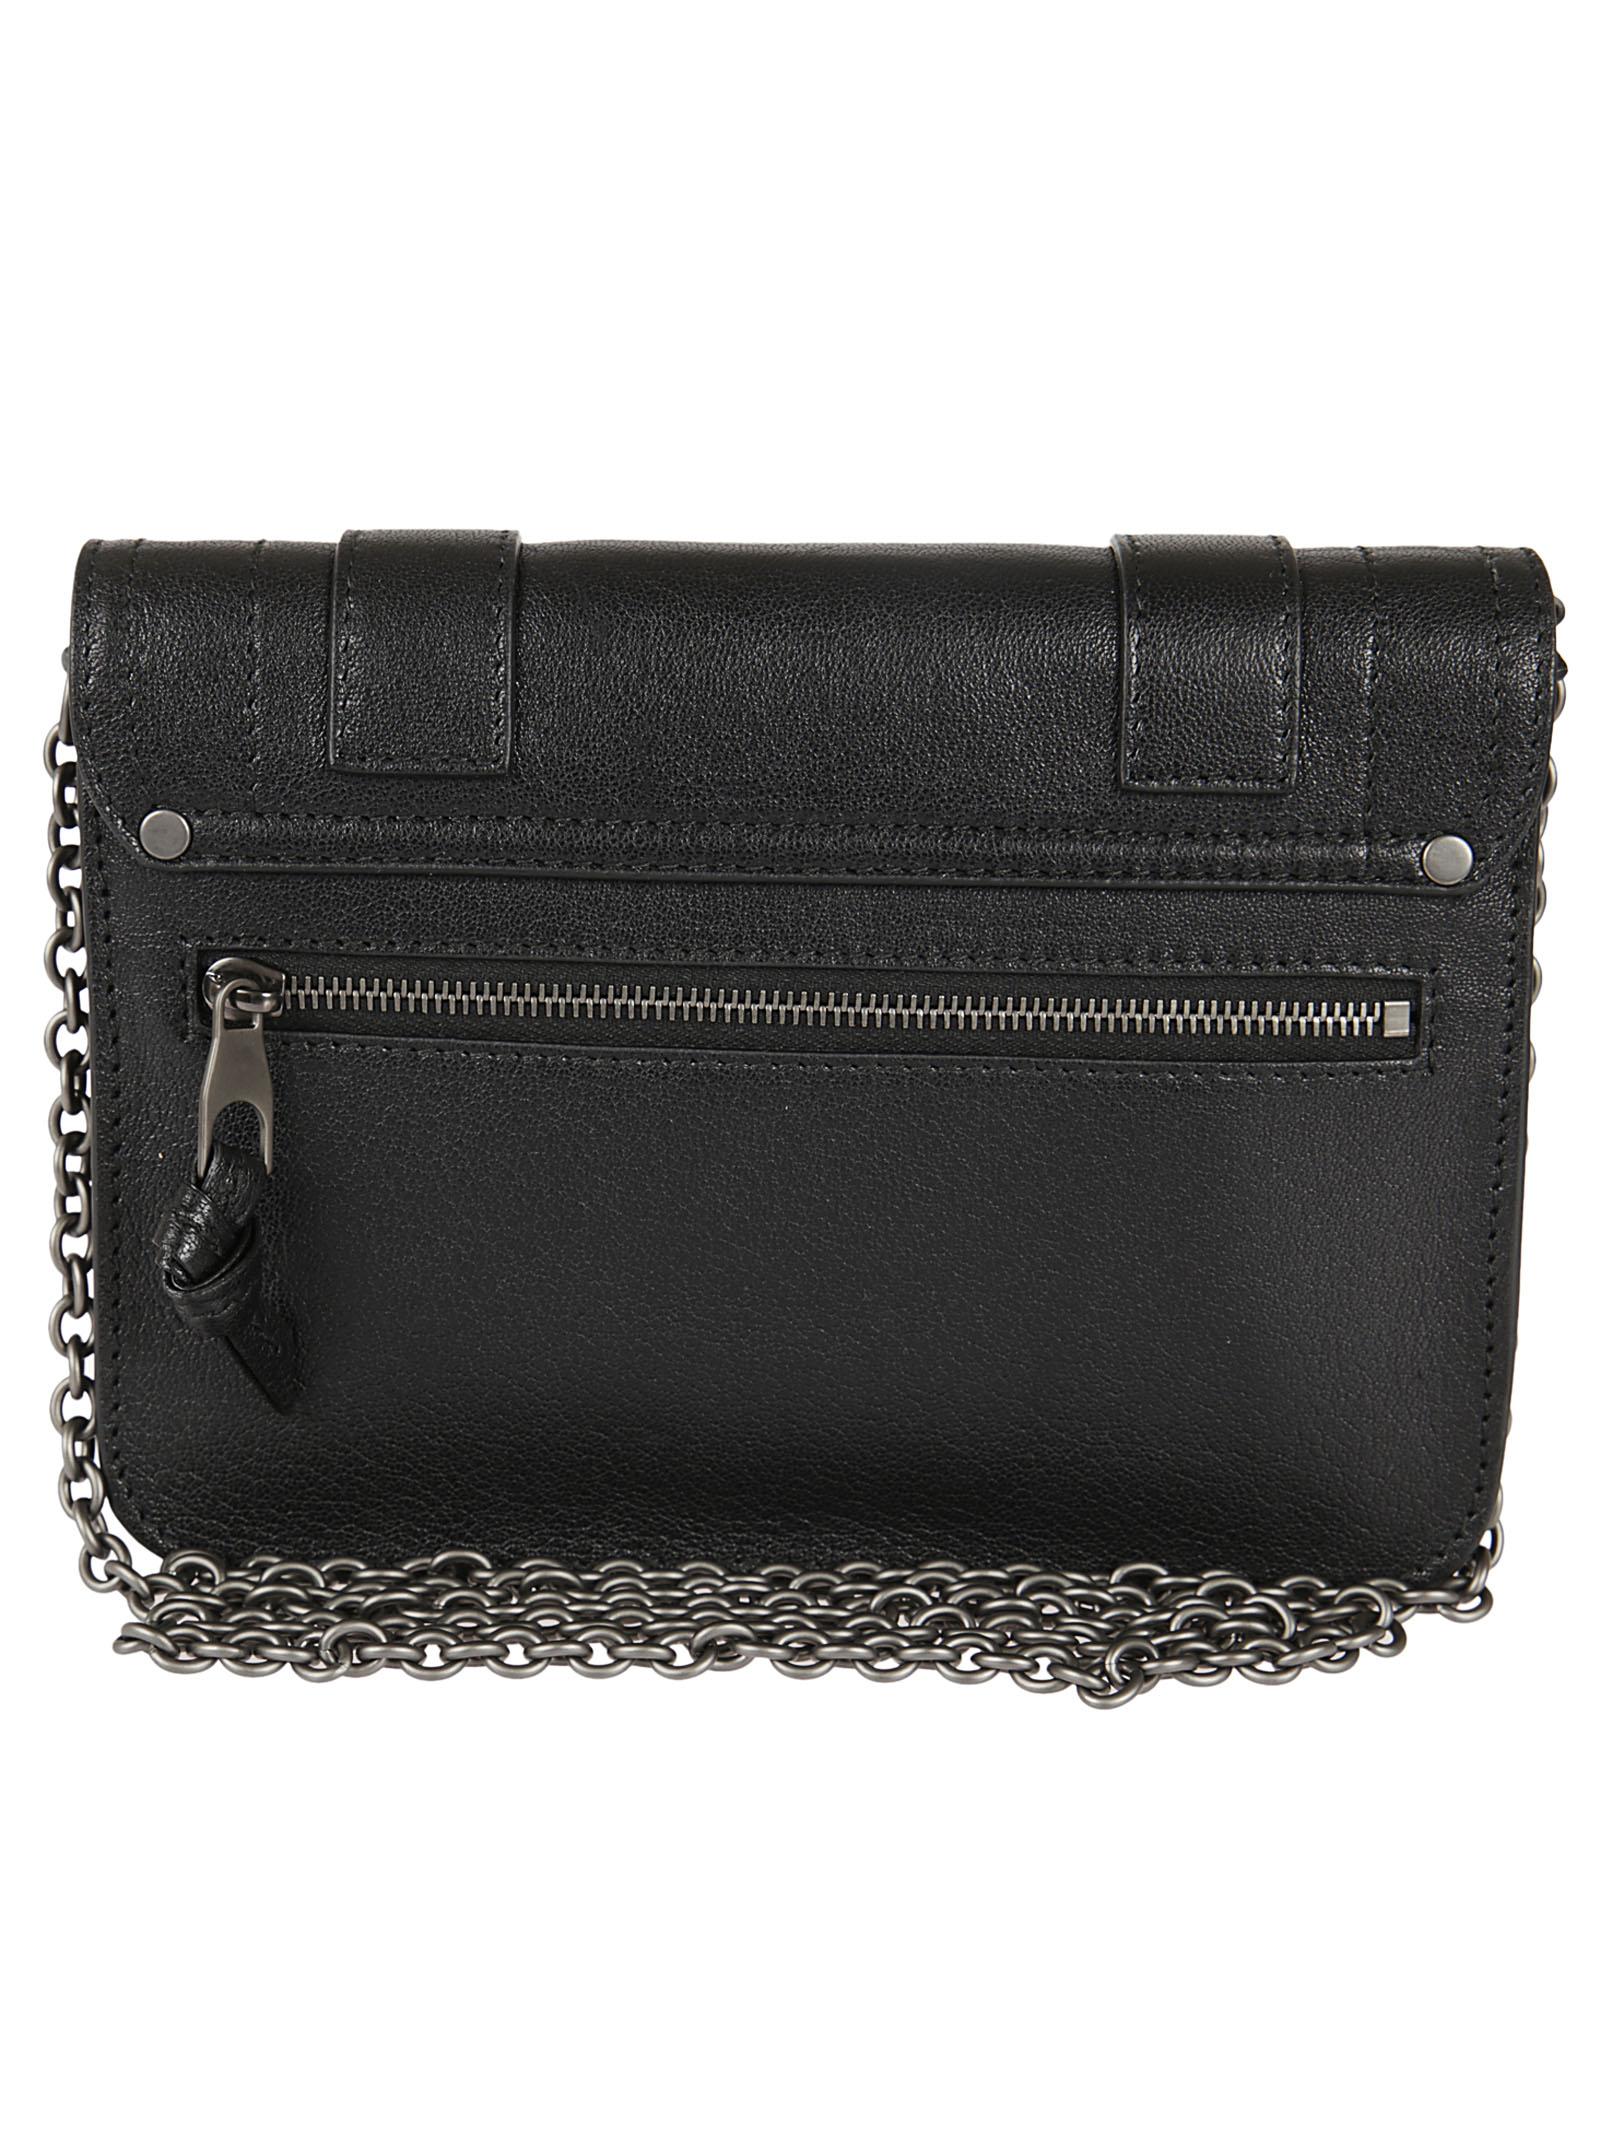 Proenza Schouler Proenza Schouler New PS1 Shoulder Bag